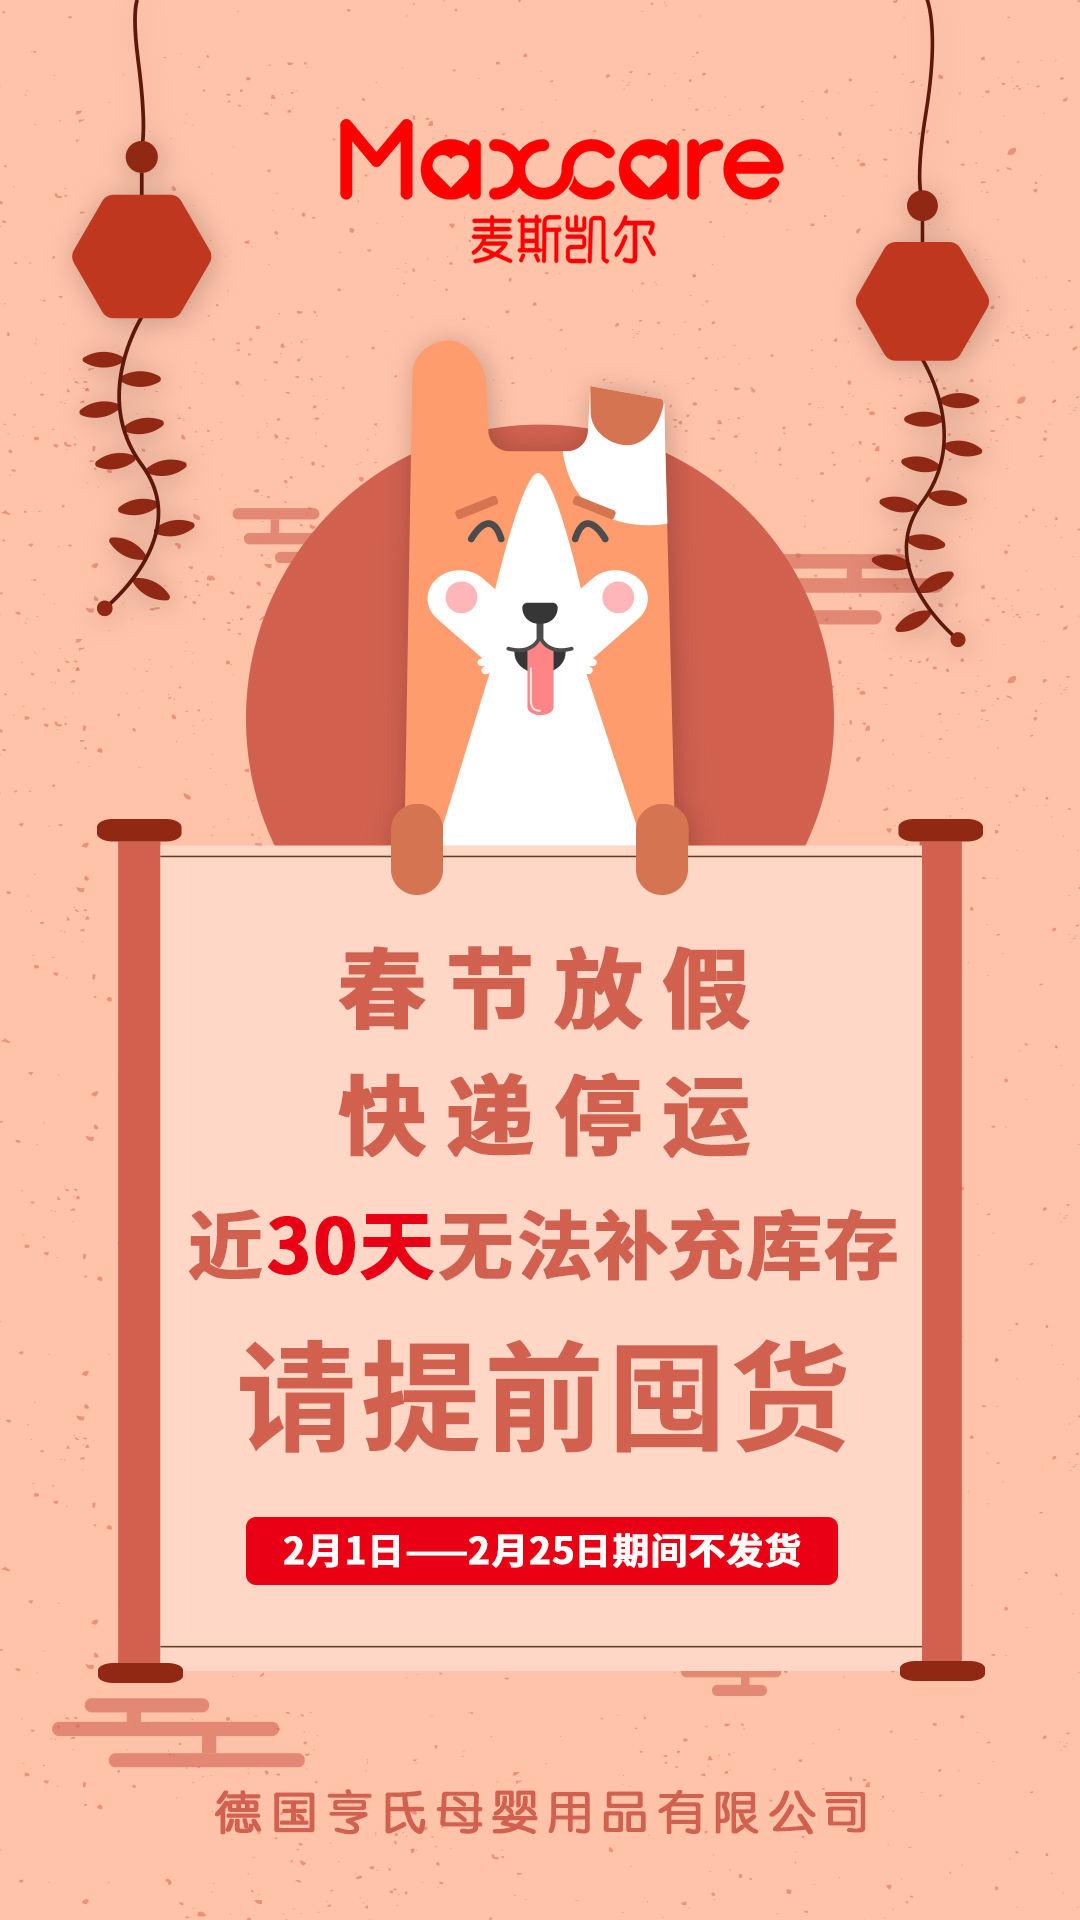 鲁大妈影戏青青草_暂草在线,新免费寓目_(ludama)抢先享用正宗撸大妈综合影院